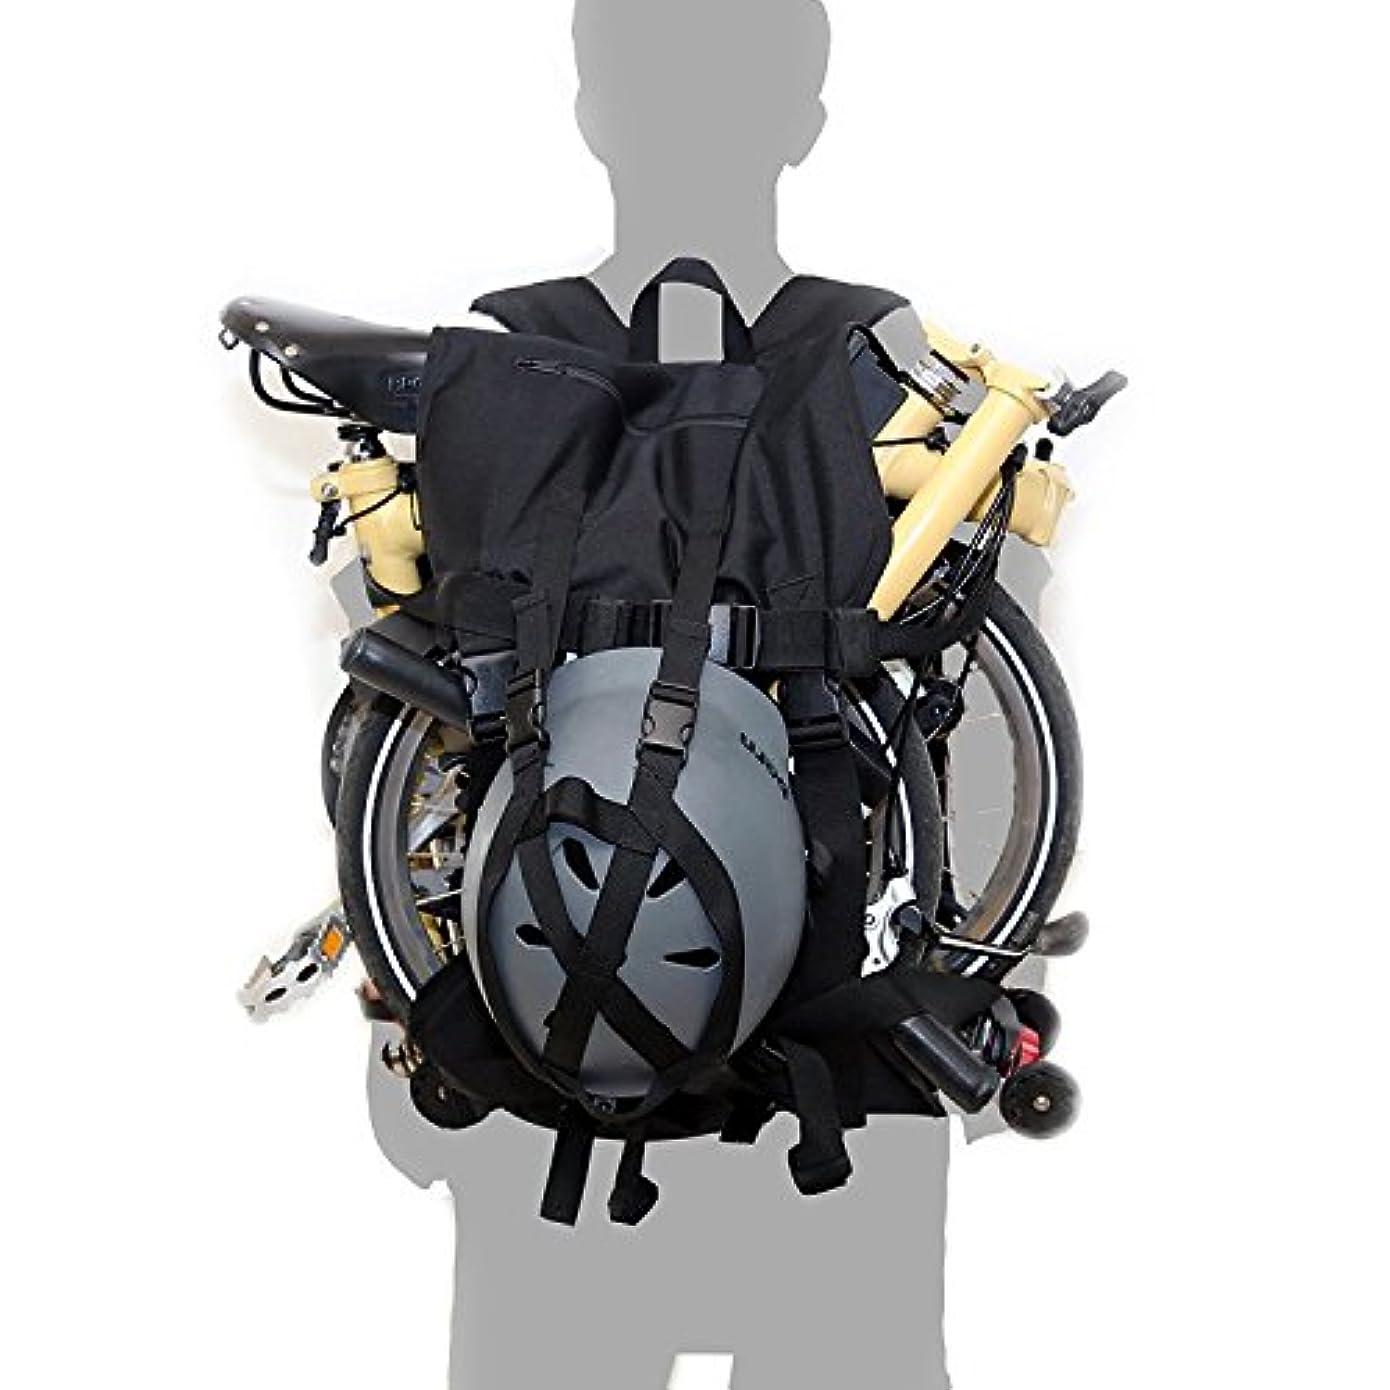 議会ミニチュア援助Bluesprite Bromptonリフトバックパック(自転車用) - Lifting Backpack for Brompton, Bicycle Bag [海外直送品]